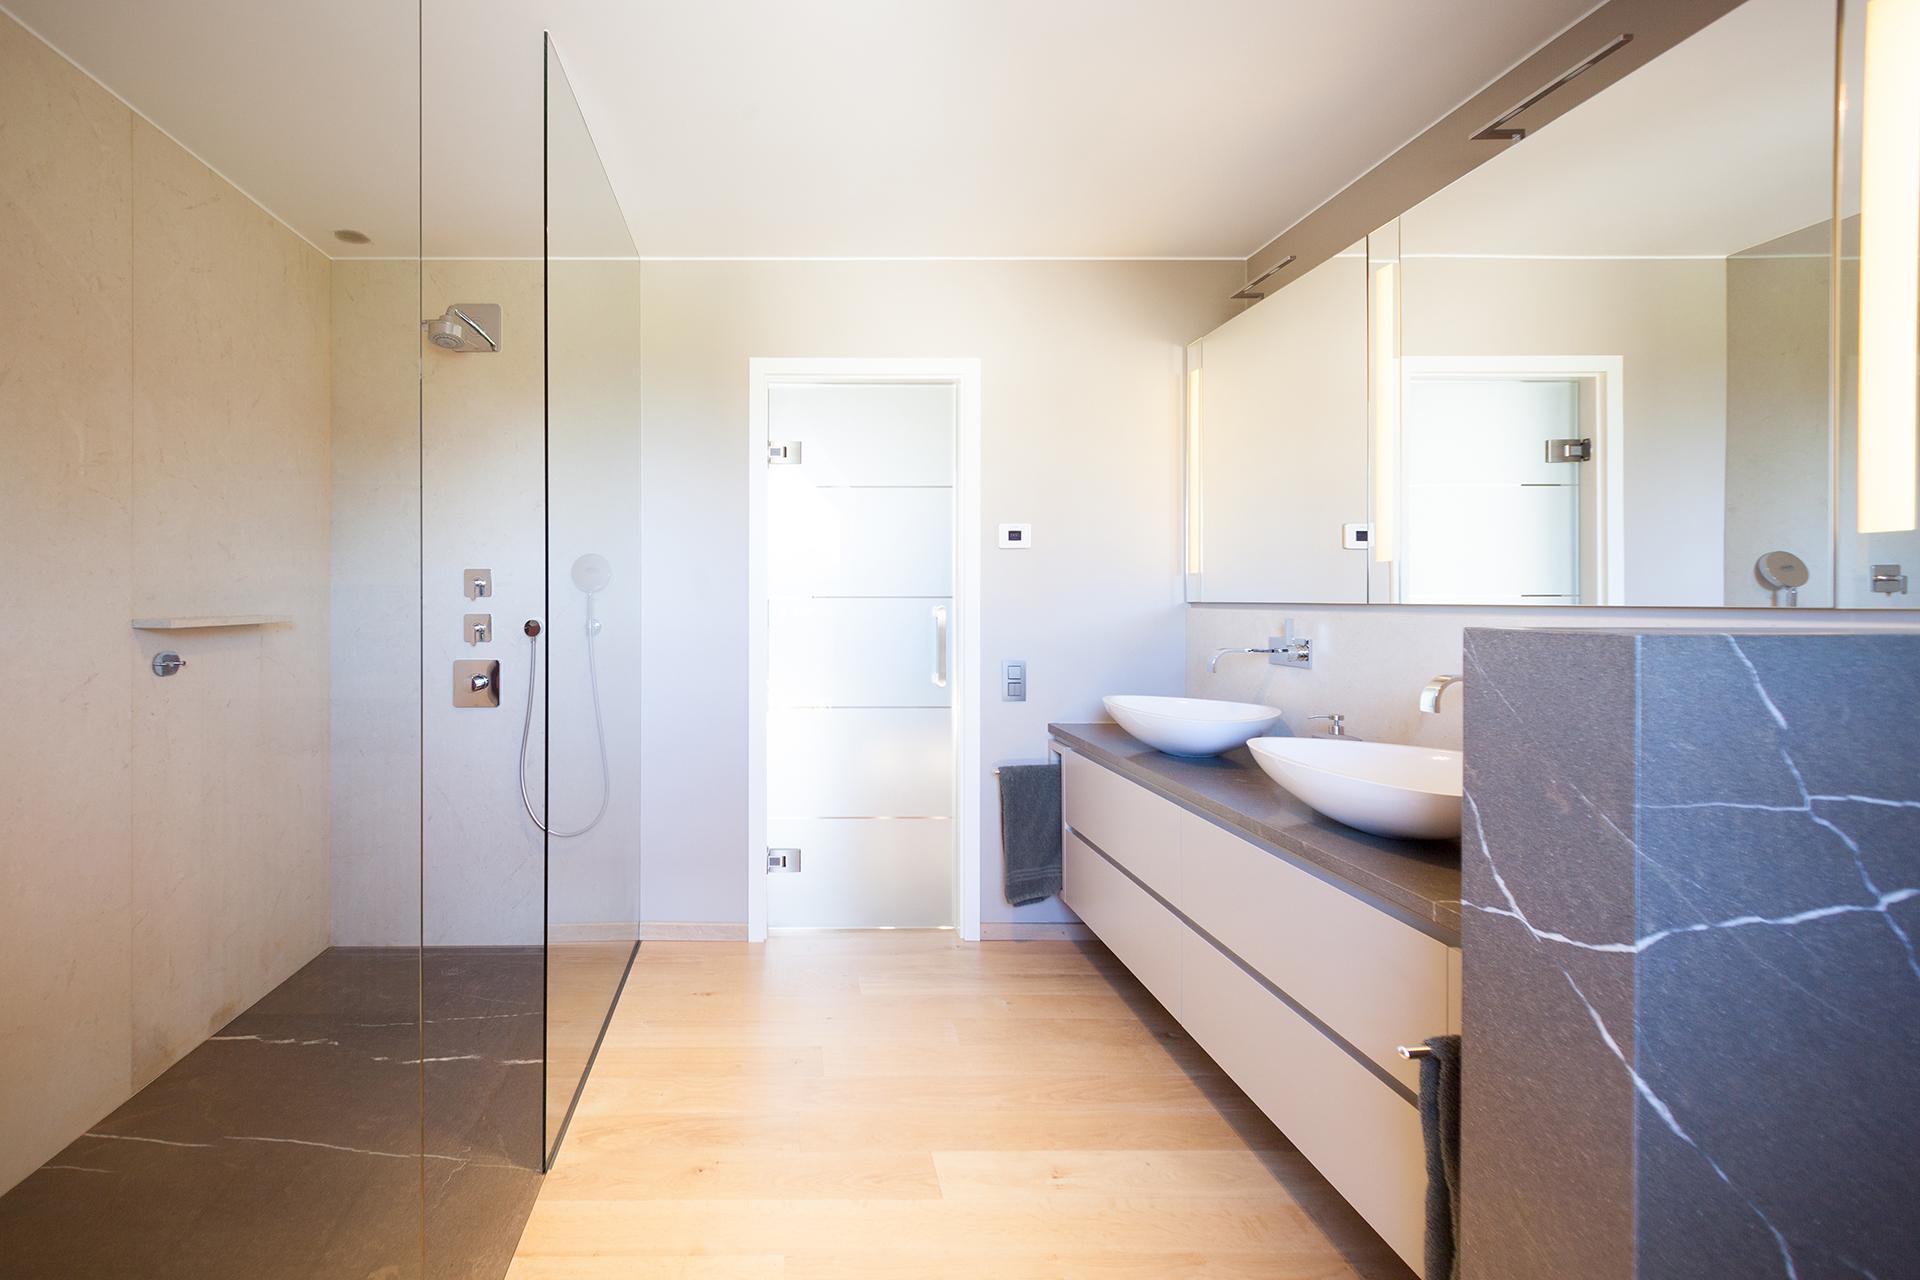 Aktuelle projekte von marmor radermacher marmor radermacher for Aktuelle badezimmer fliesen